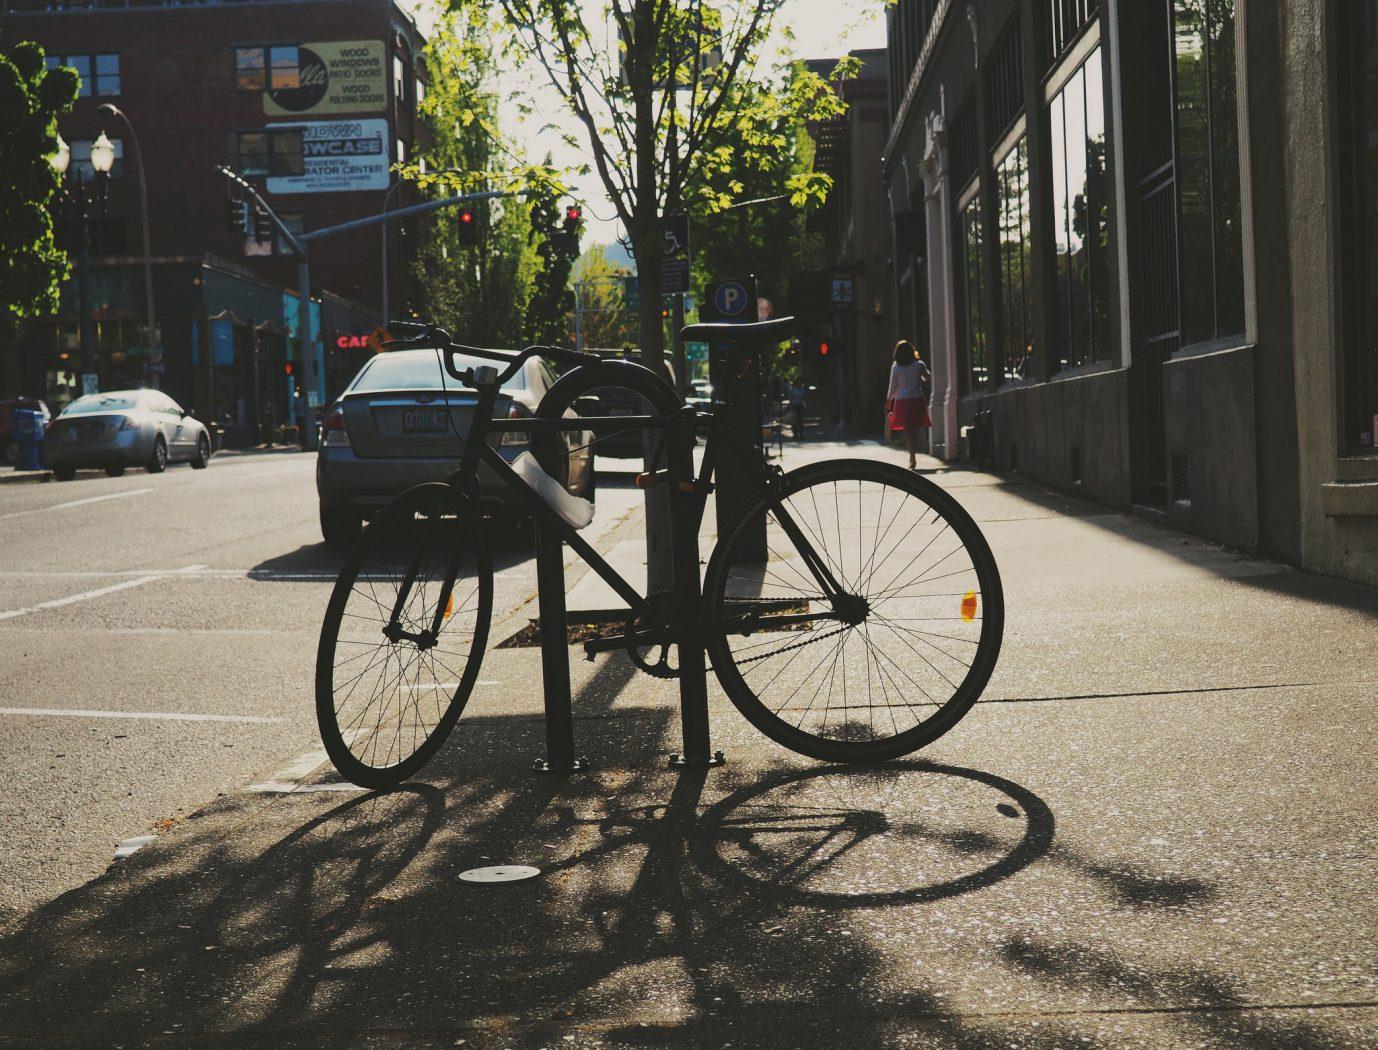 Weekend Getaway in Portland